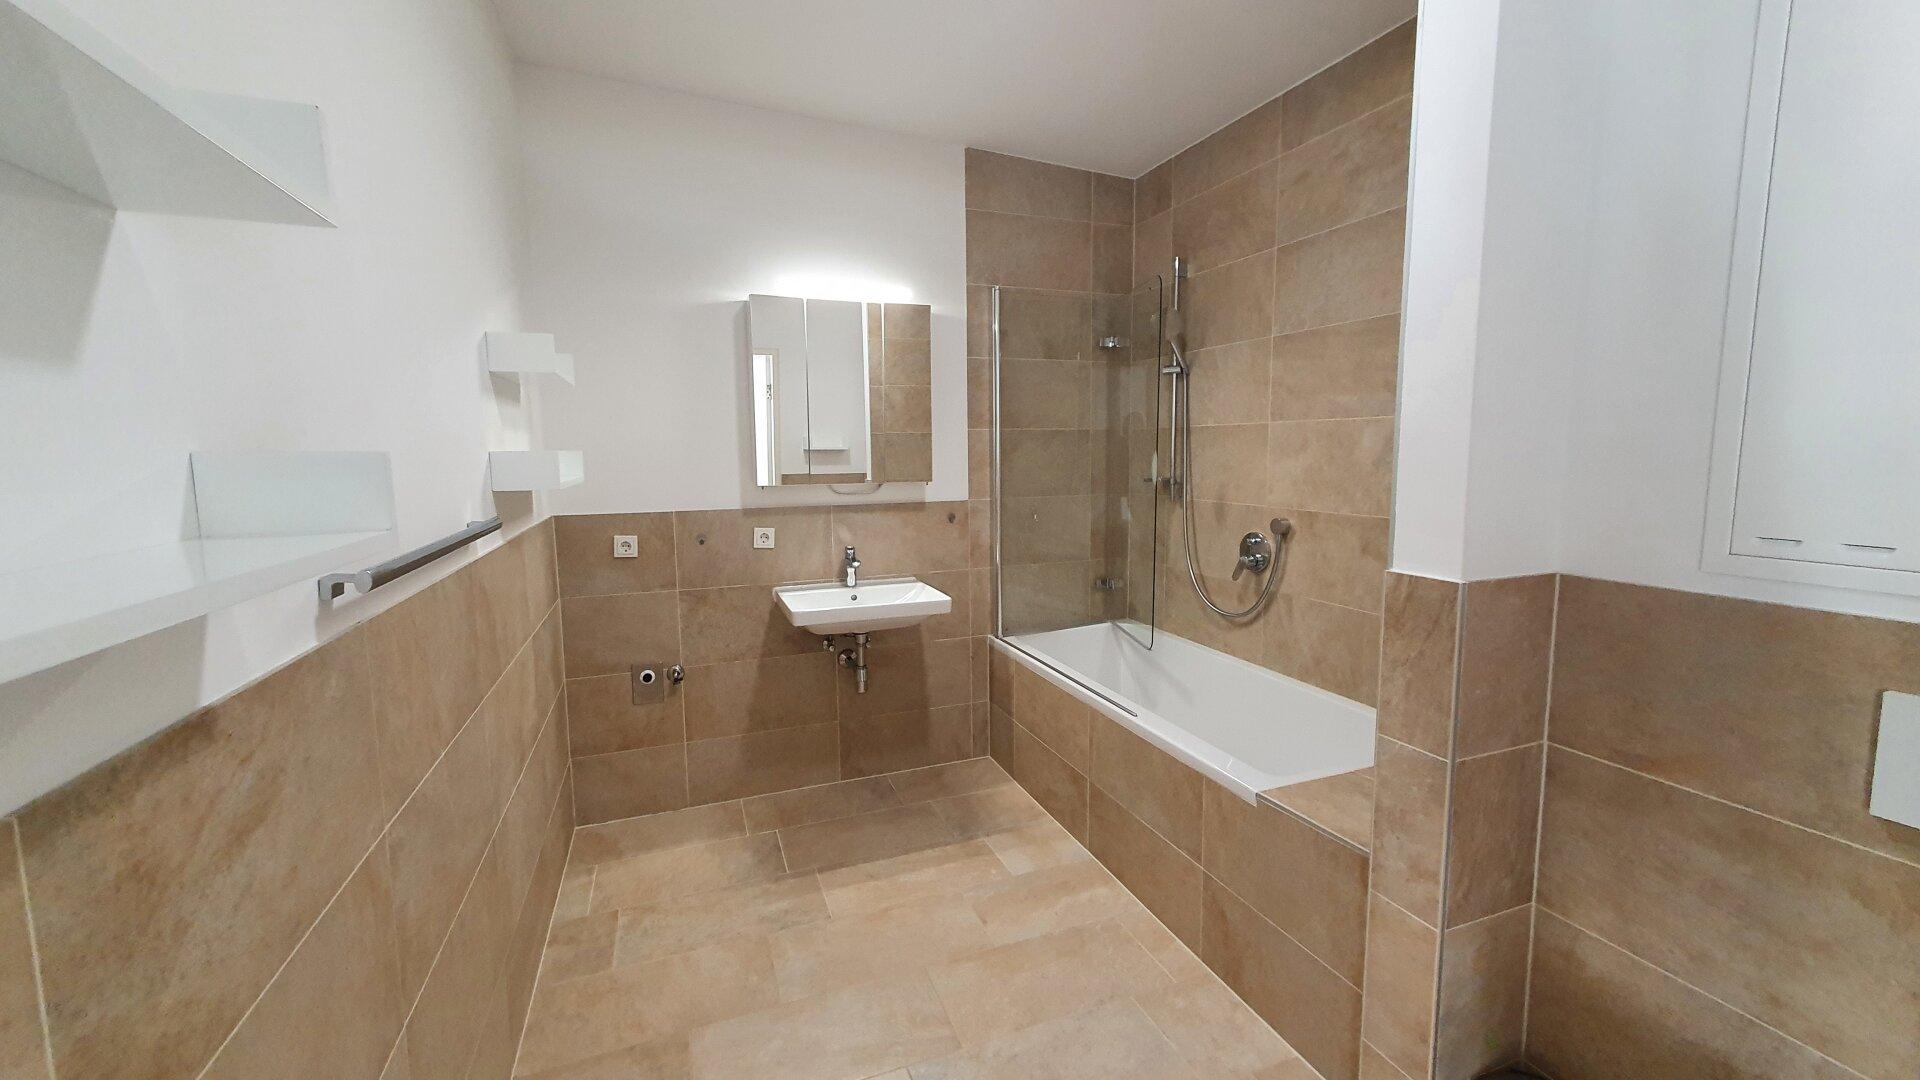 Bad mit Wanne/Dusche Ansicht 1, 3-Zimmer Wohnung Kufstein Zentrum